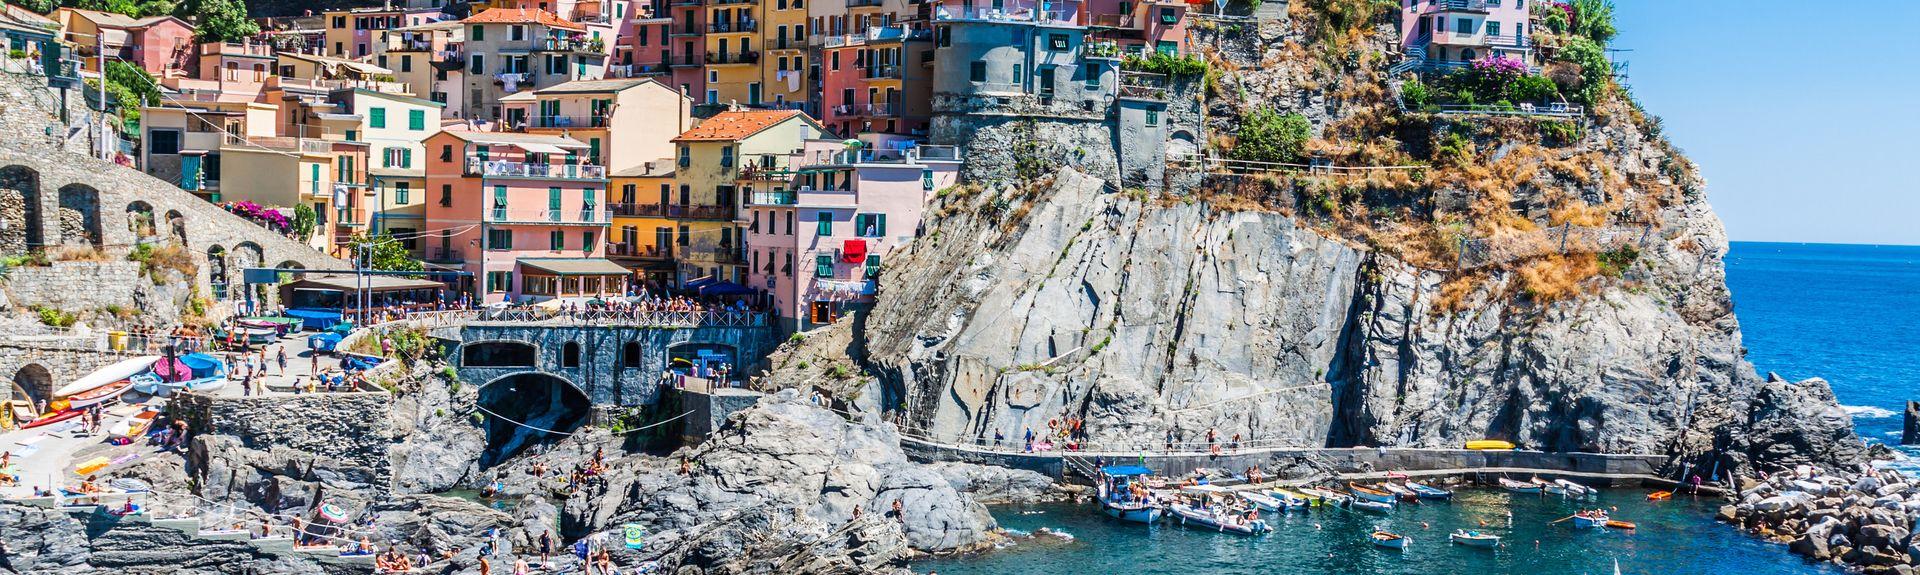 Nationalpark Cinque Terre, Ligurien, Italien